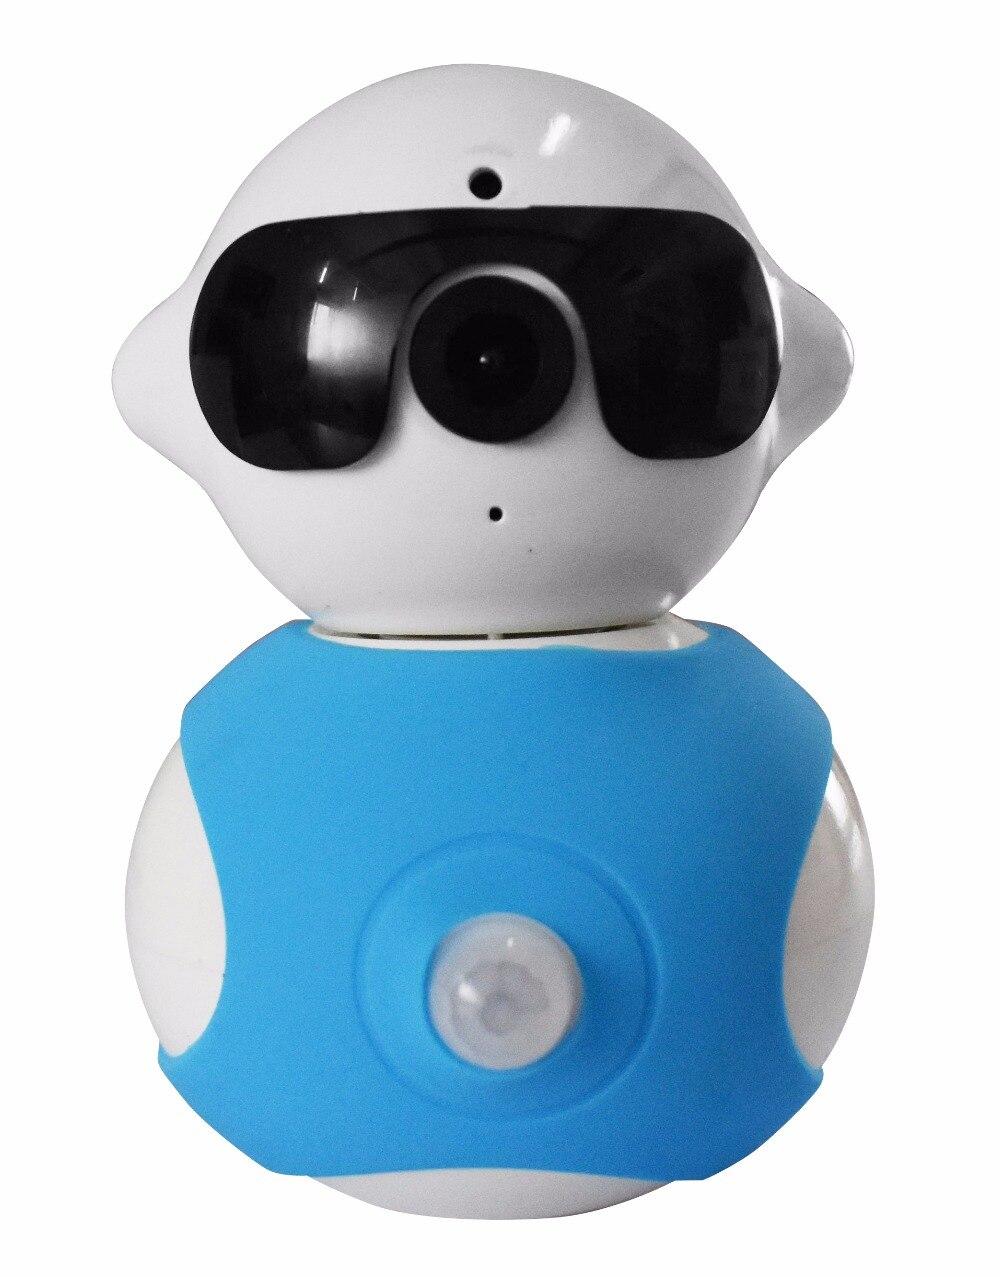 HD 960P 1.3MP Wireless Intercom IP Camera IR Night Vision Baby Monitor 1 3mp 960p hd wireless intercom ip camera ir night vision